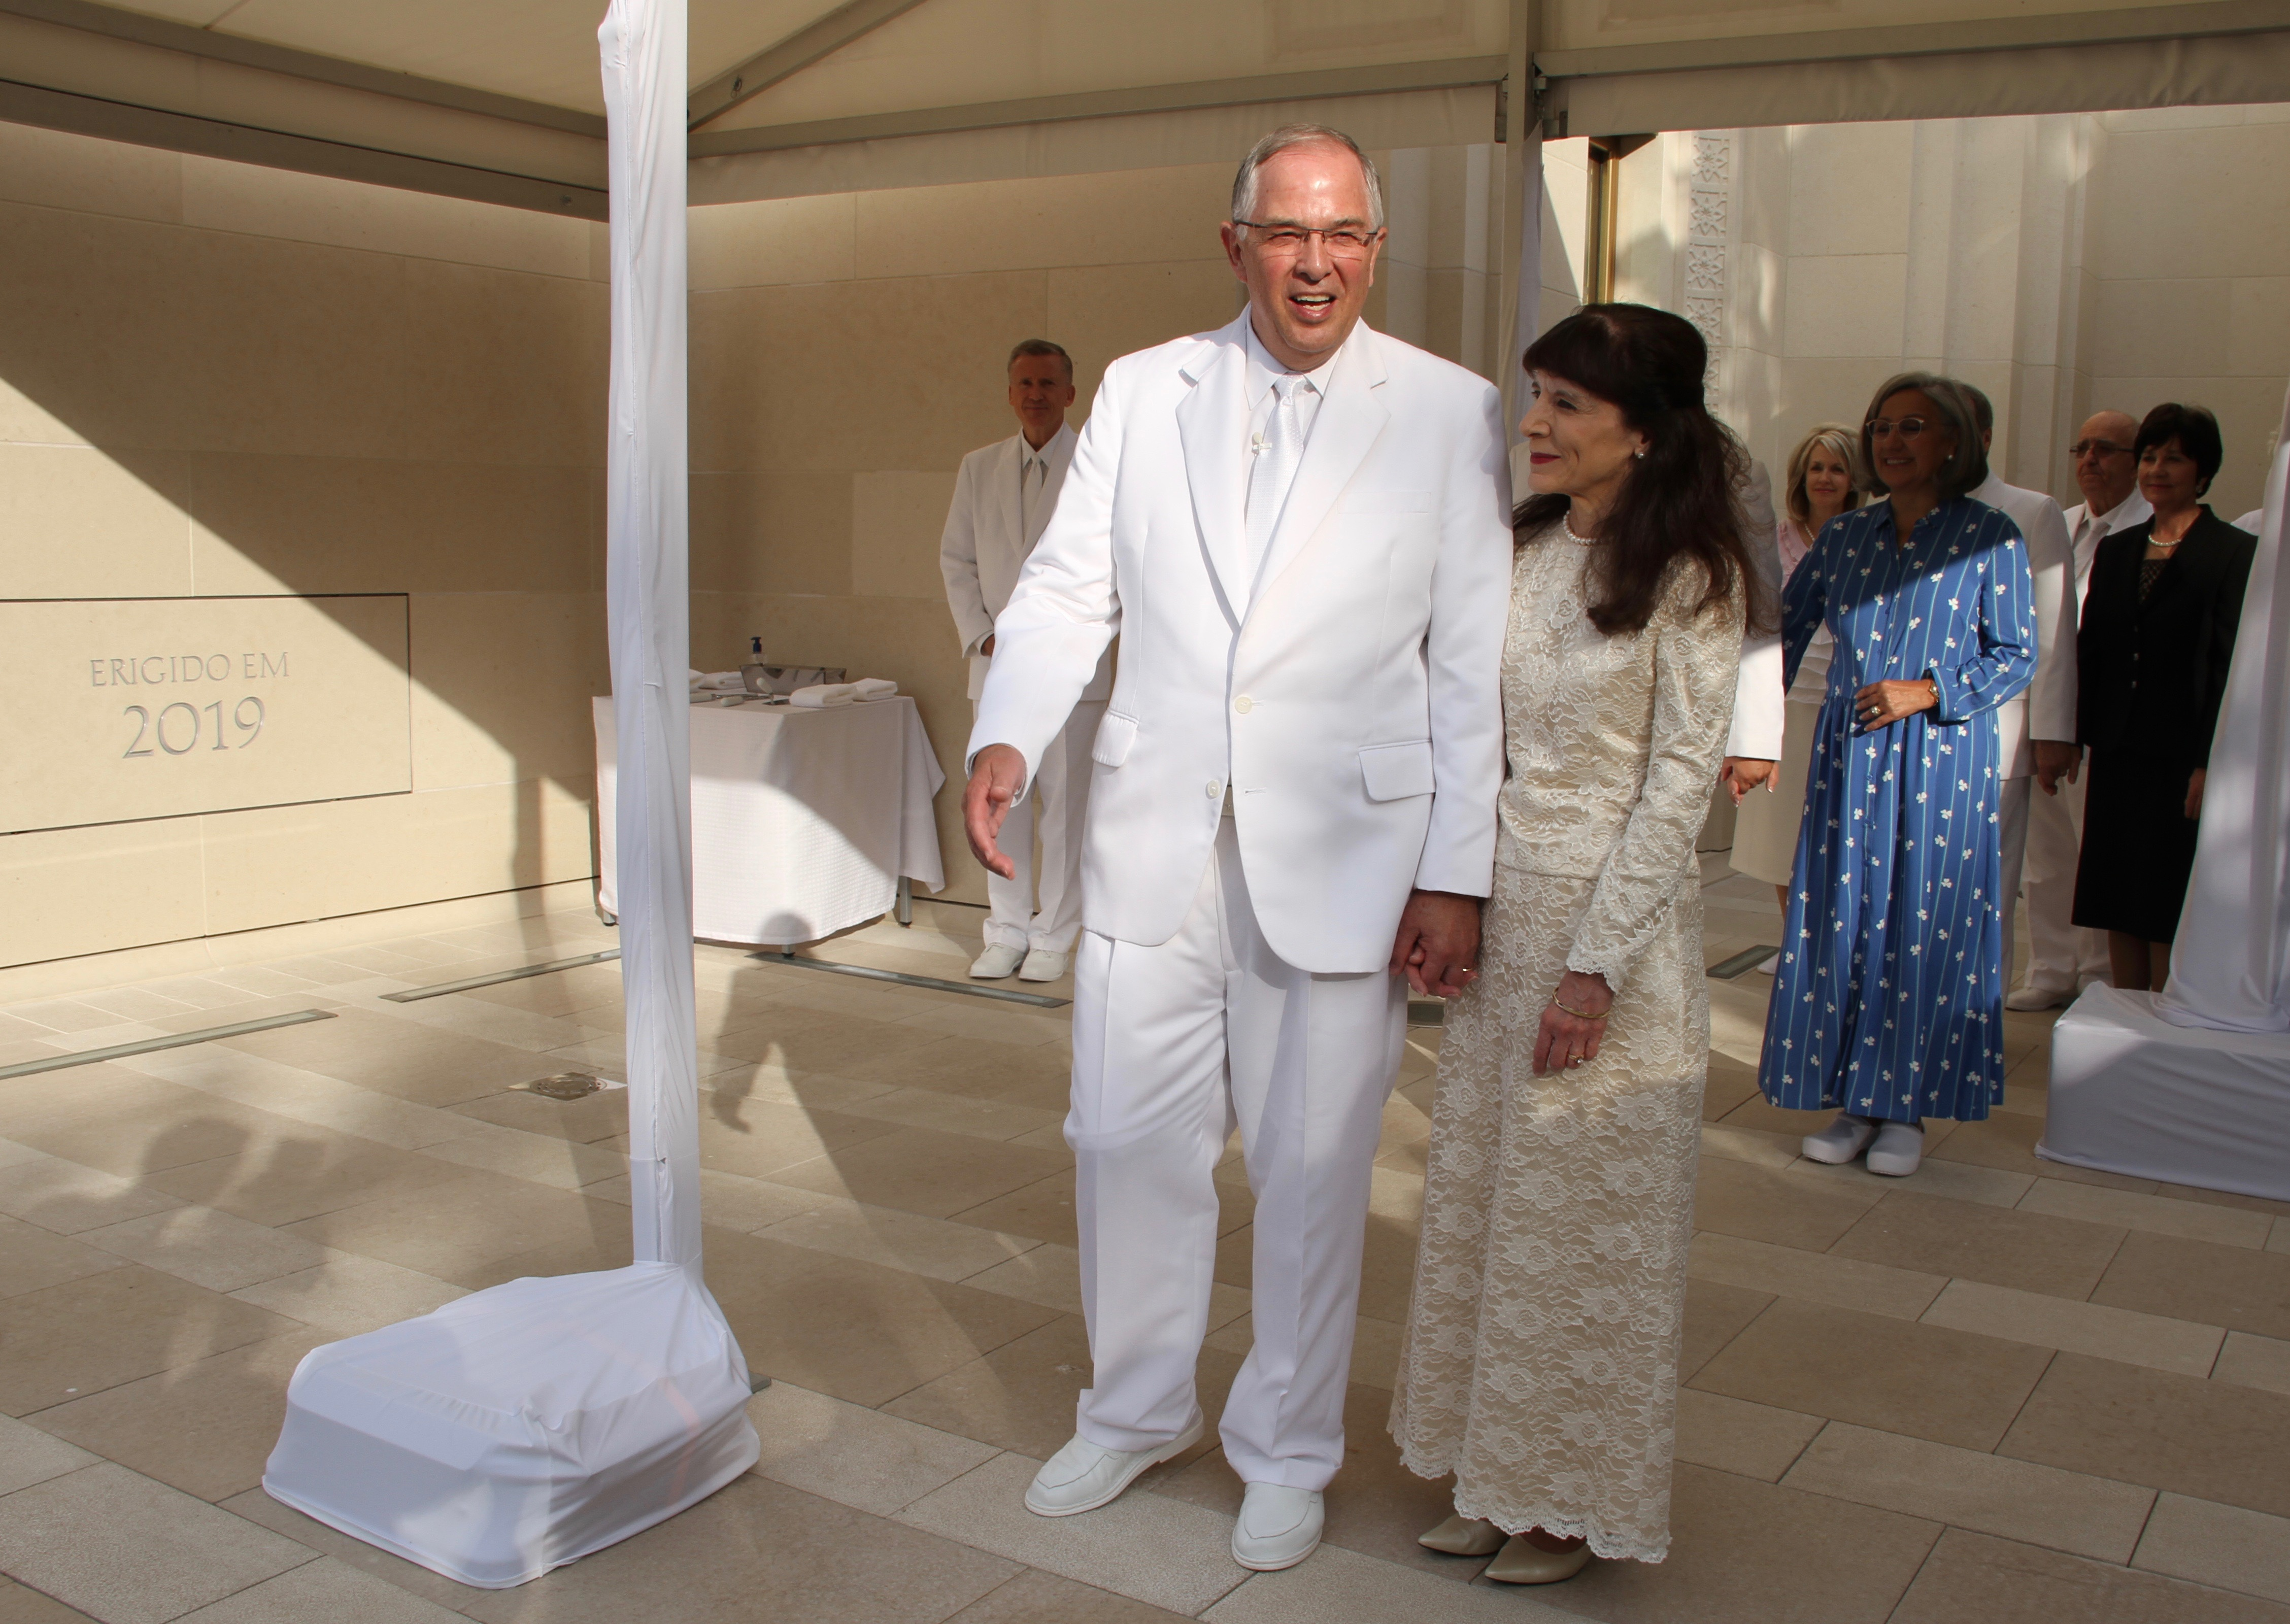 O élder Neil L. Andersen, do Quórum dos Doze Apóstolos, acompanhado por sua esposa, a irmã Kathy Andersen, conversando com membros do lado de fora na cerimônia de colocação da pedra angular na dedicação do Templo de Lisboa Portugal no domingo, 15 de setembro de 2019.